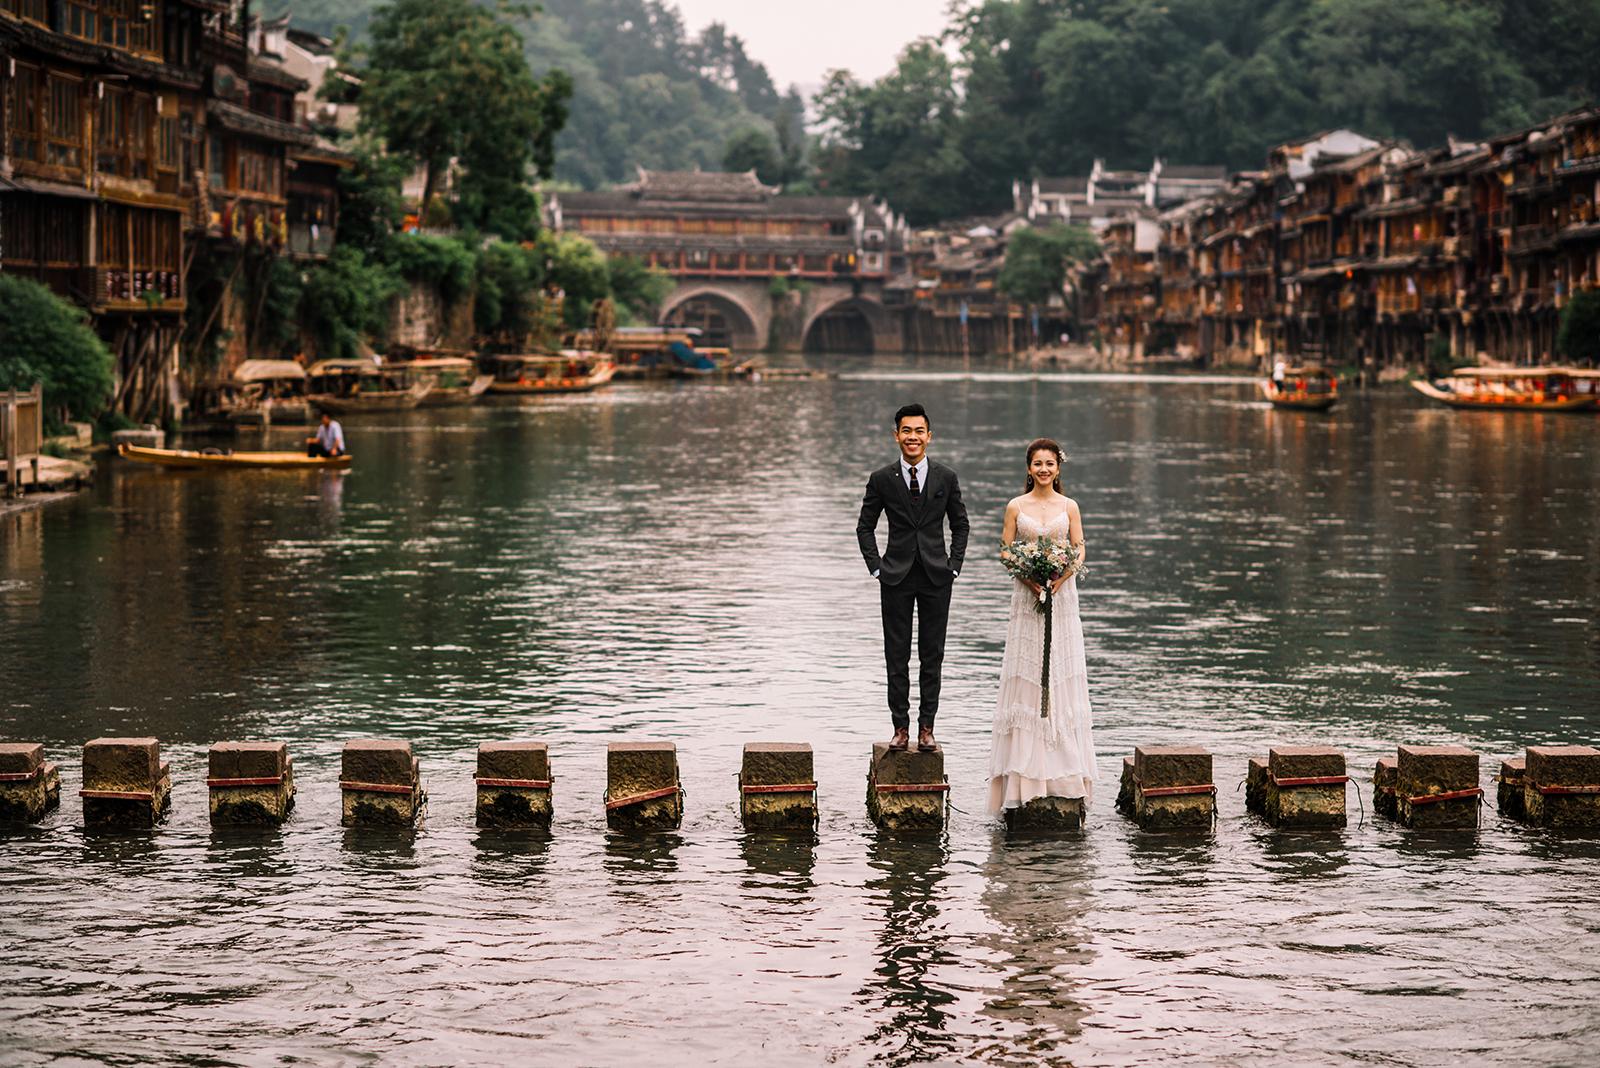 Xếp hạng 6 Studio chụp ảnh cưới đẹp nhất tại TP Hội An, Quảng Nam -  HuGo Wedding House